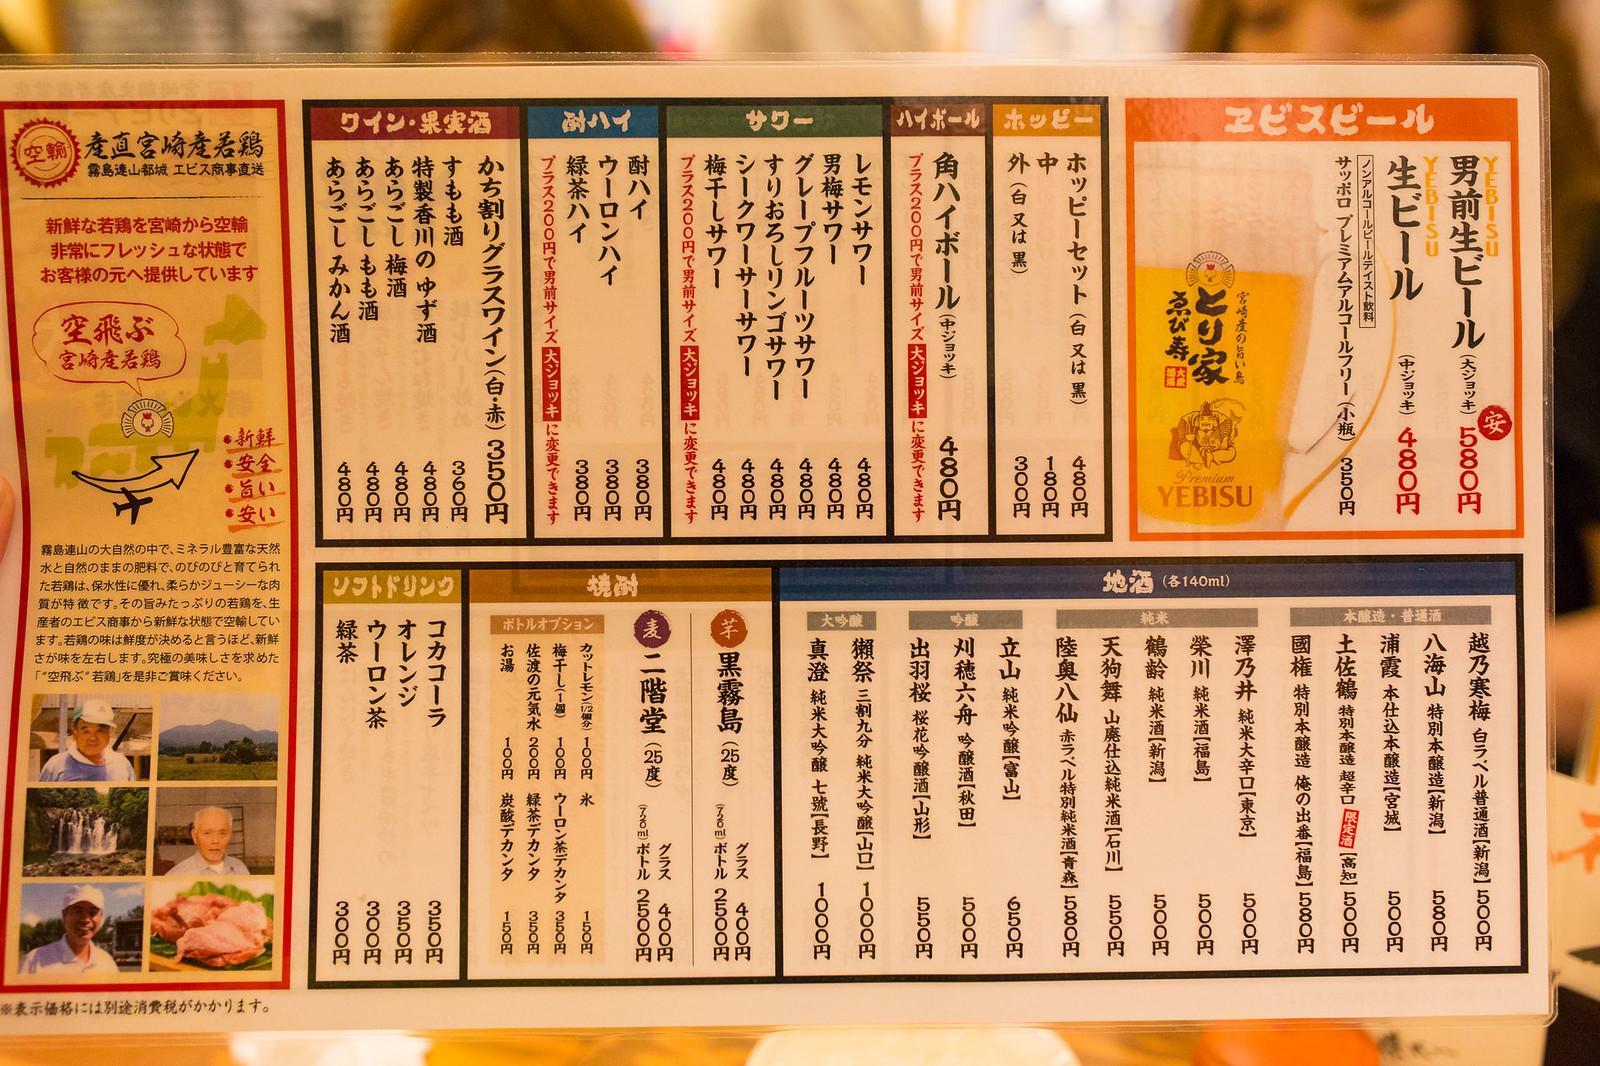 Shinjuku_meiten_yokocho-118